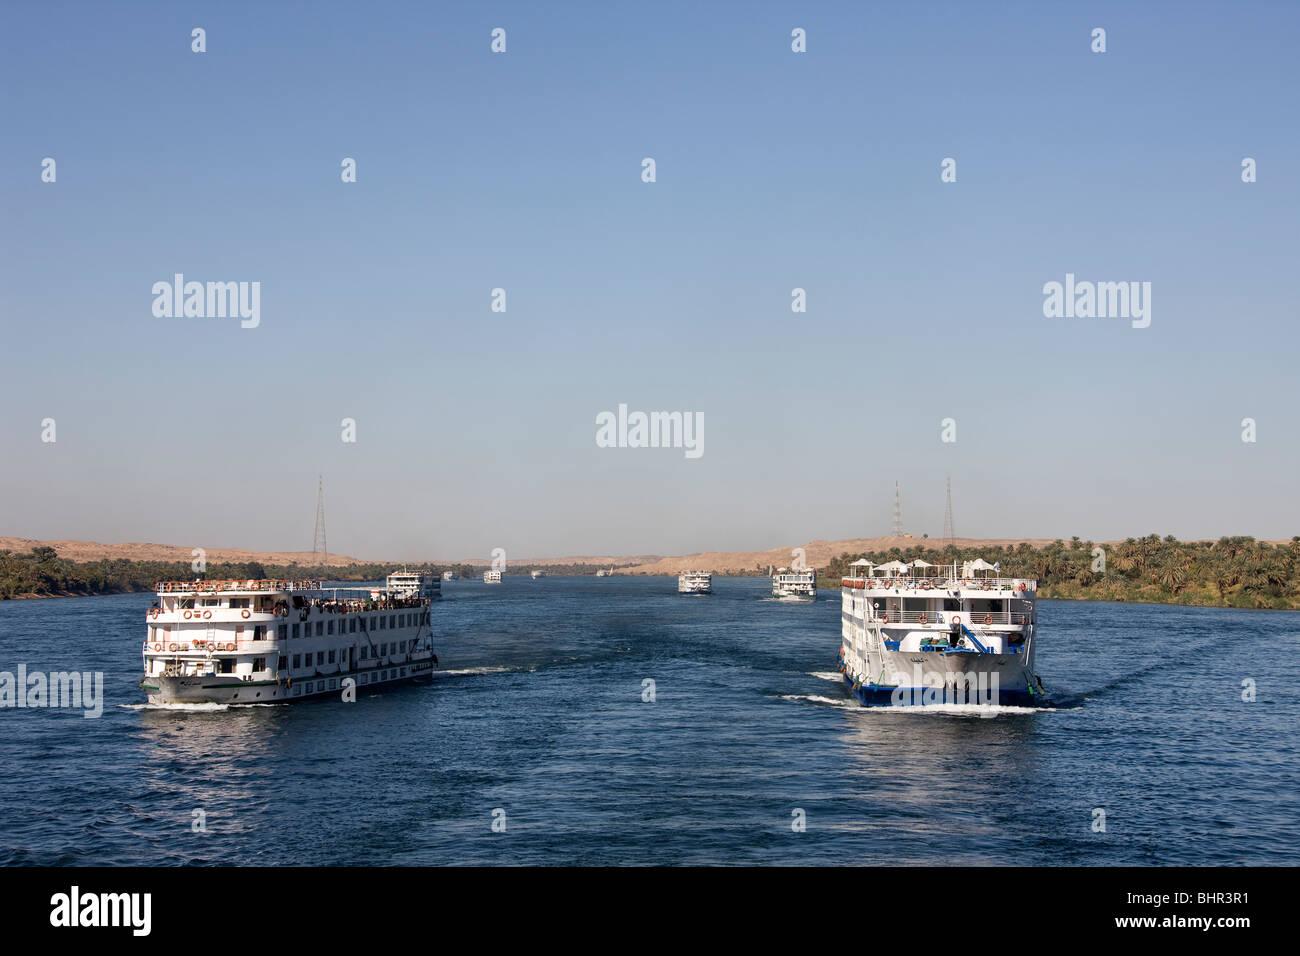 Holiday cruise ships traveling up the River Nile towards Esna Lock. - Stock Image